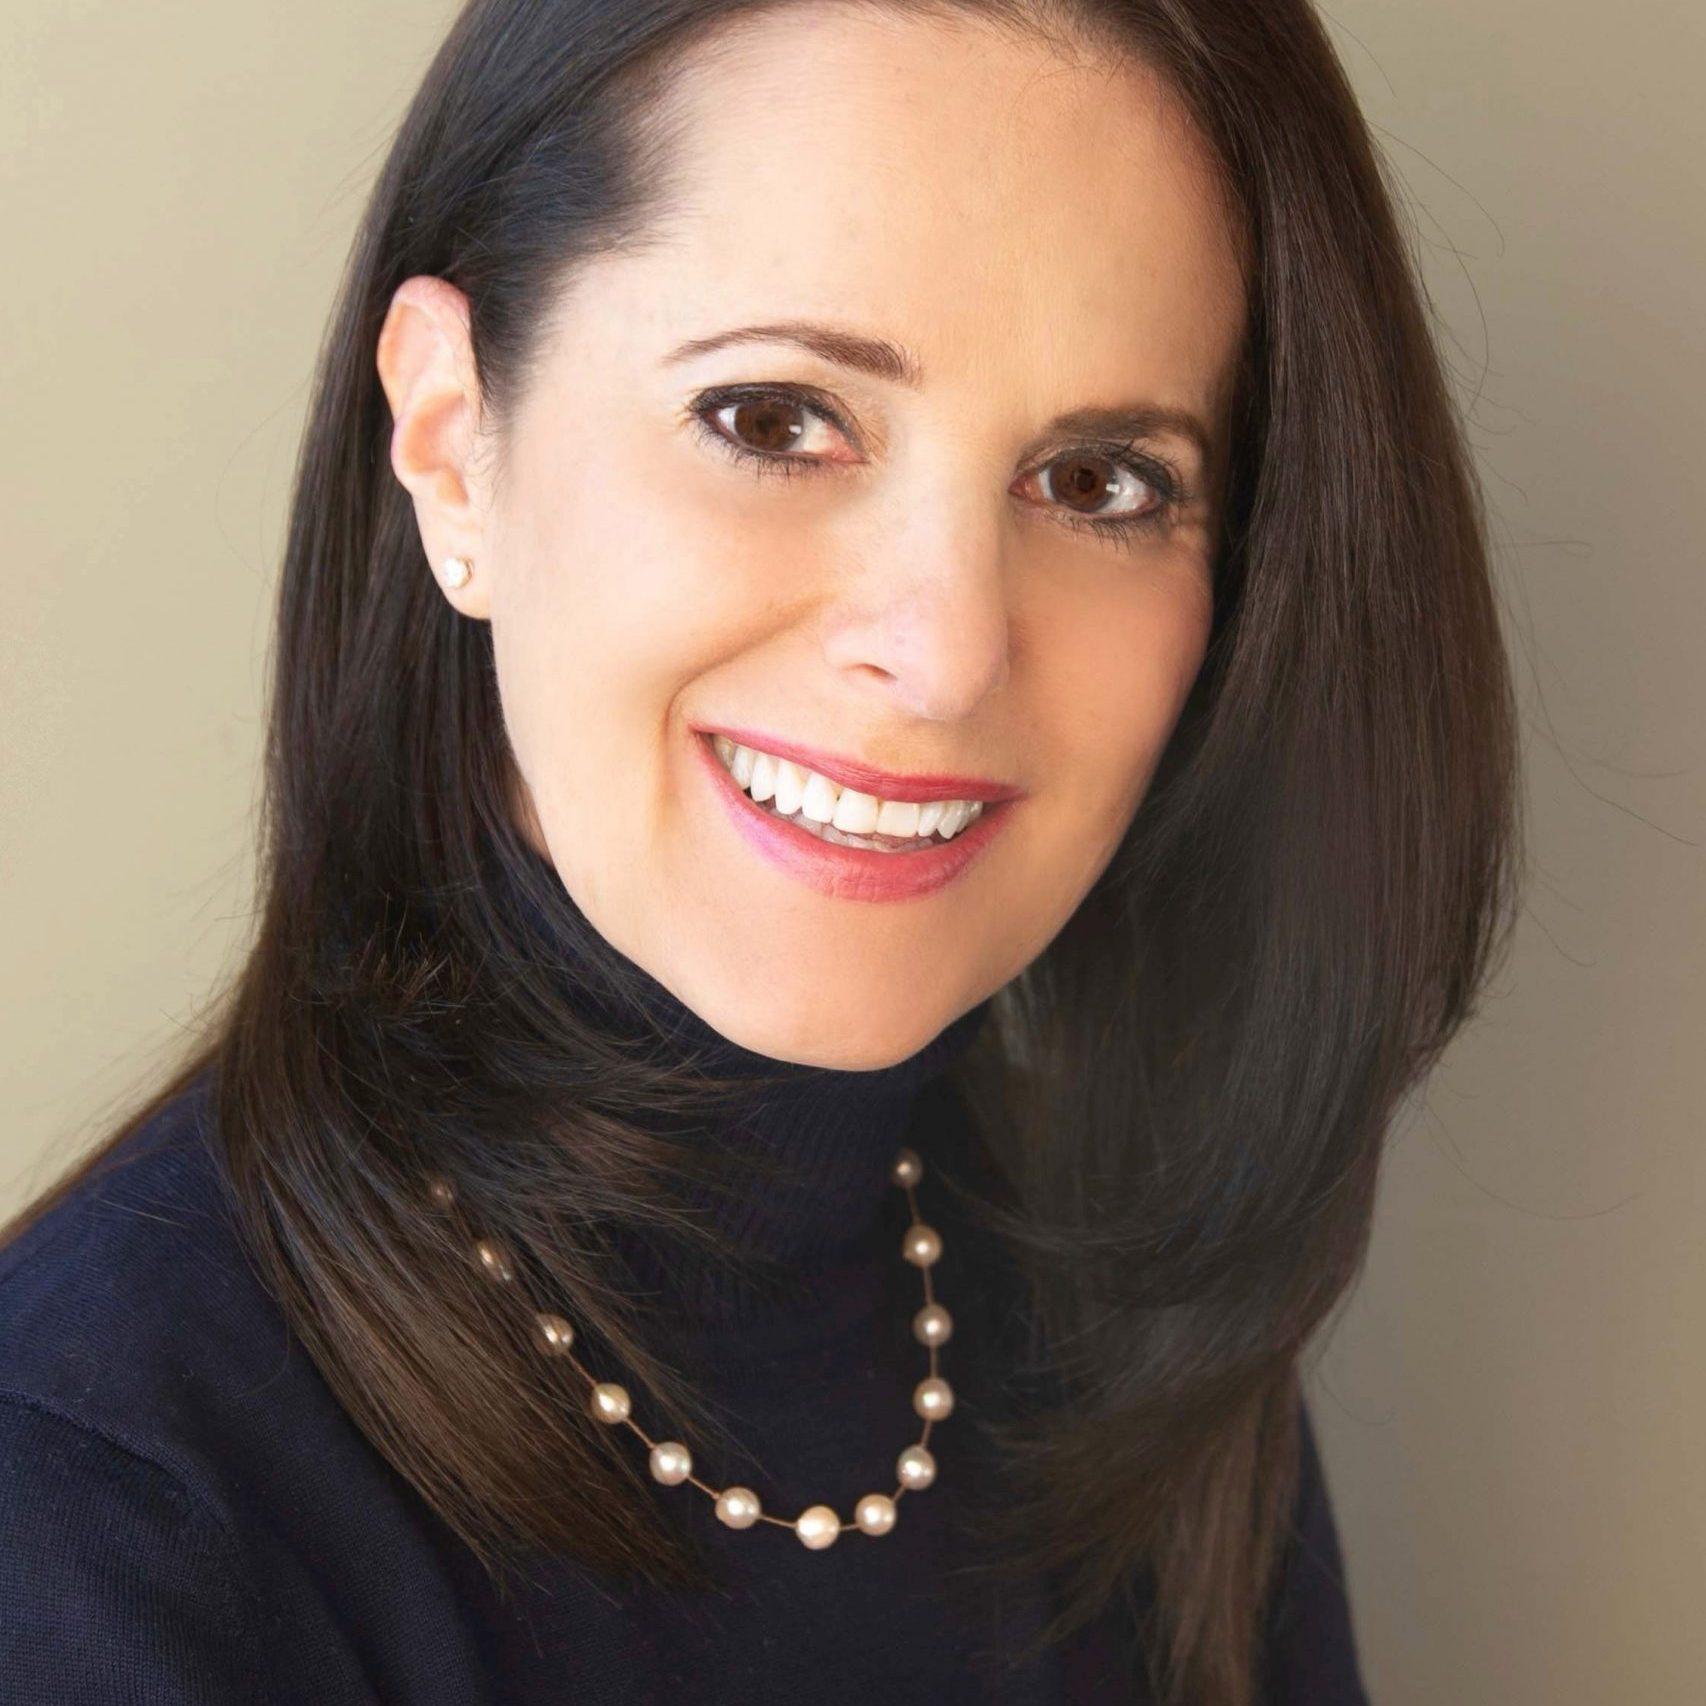 Susan Turner Ehrlich